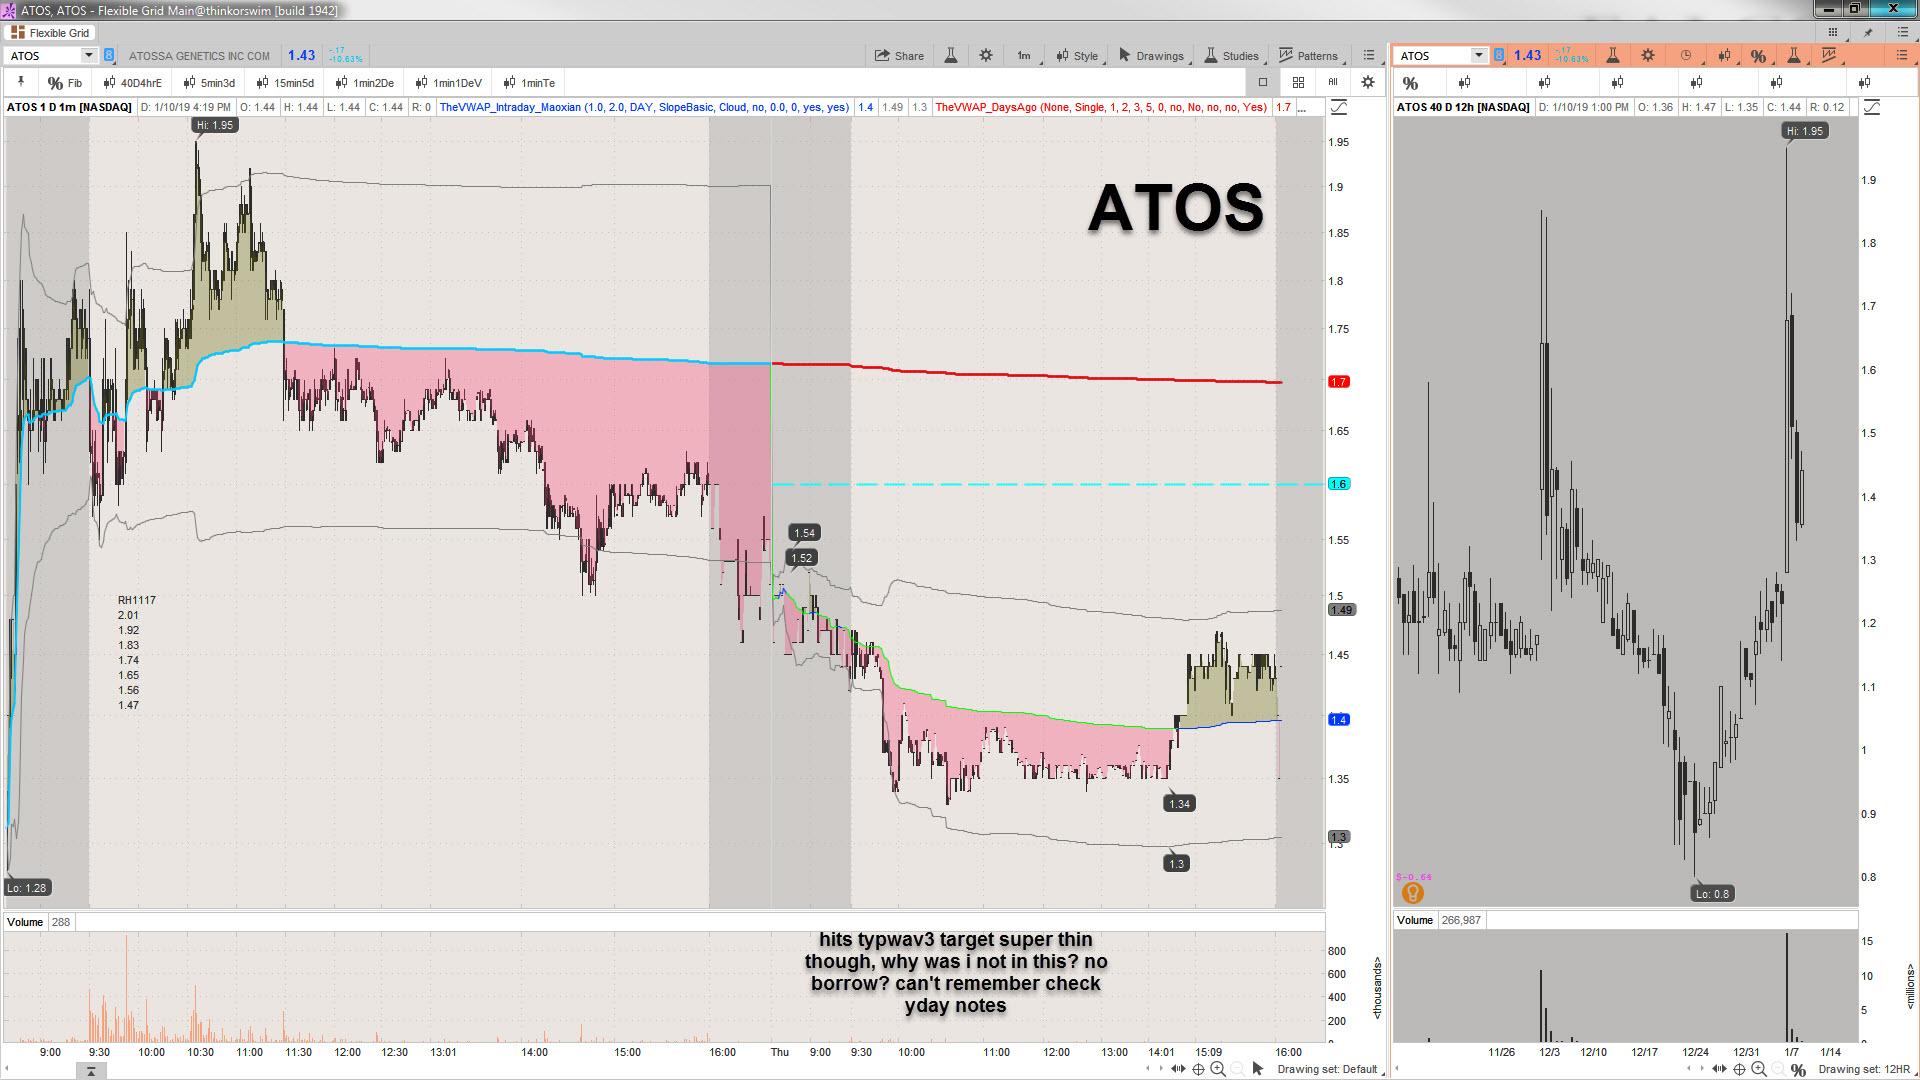 2019-01-10_16-24-04 atos.jpg